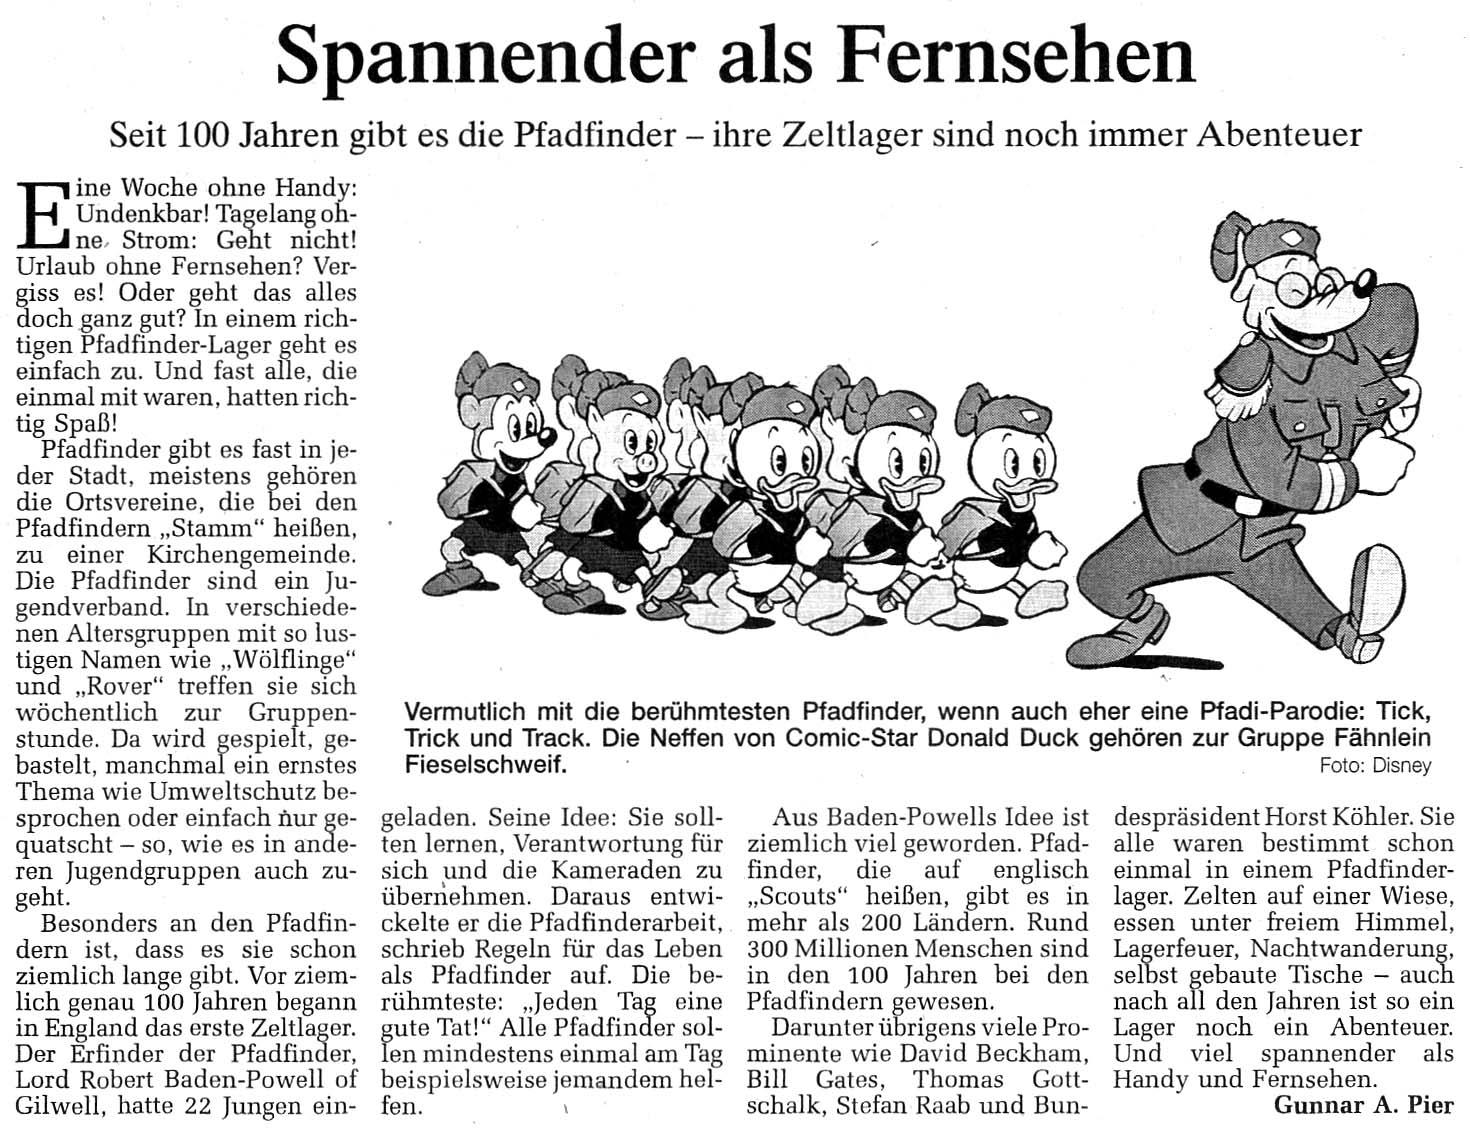 Zeitungsartikel Spannender als Fernsehen, WN 31.7.2007